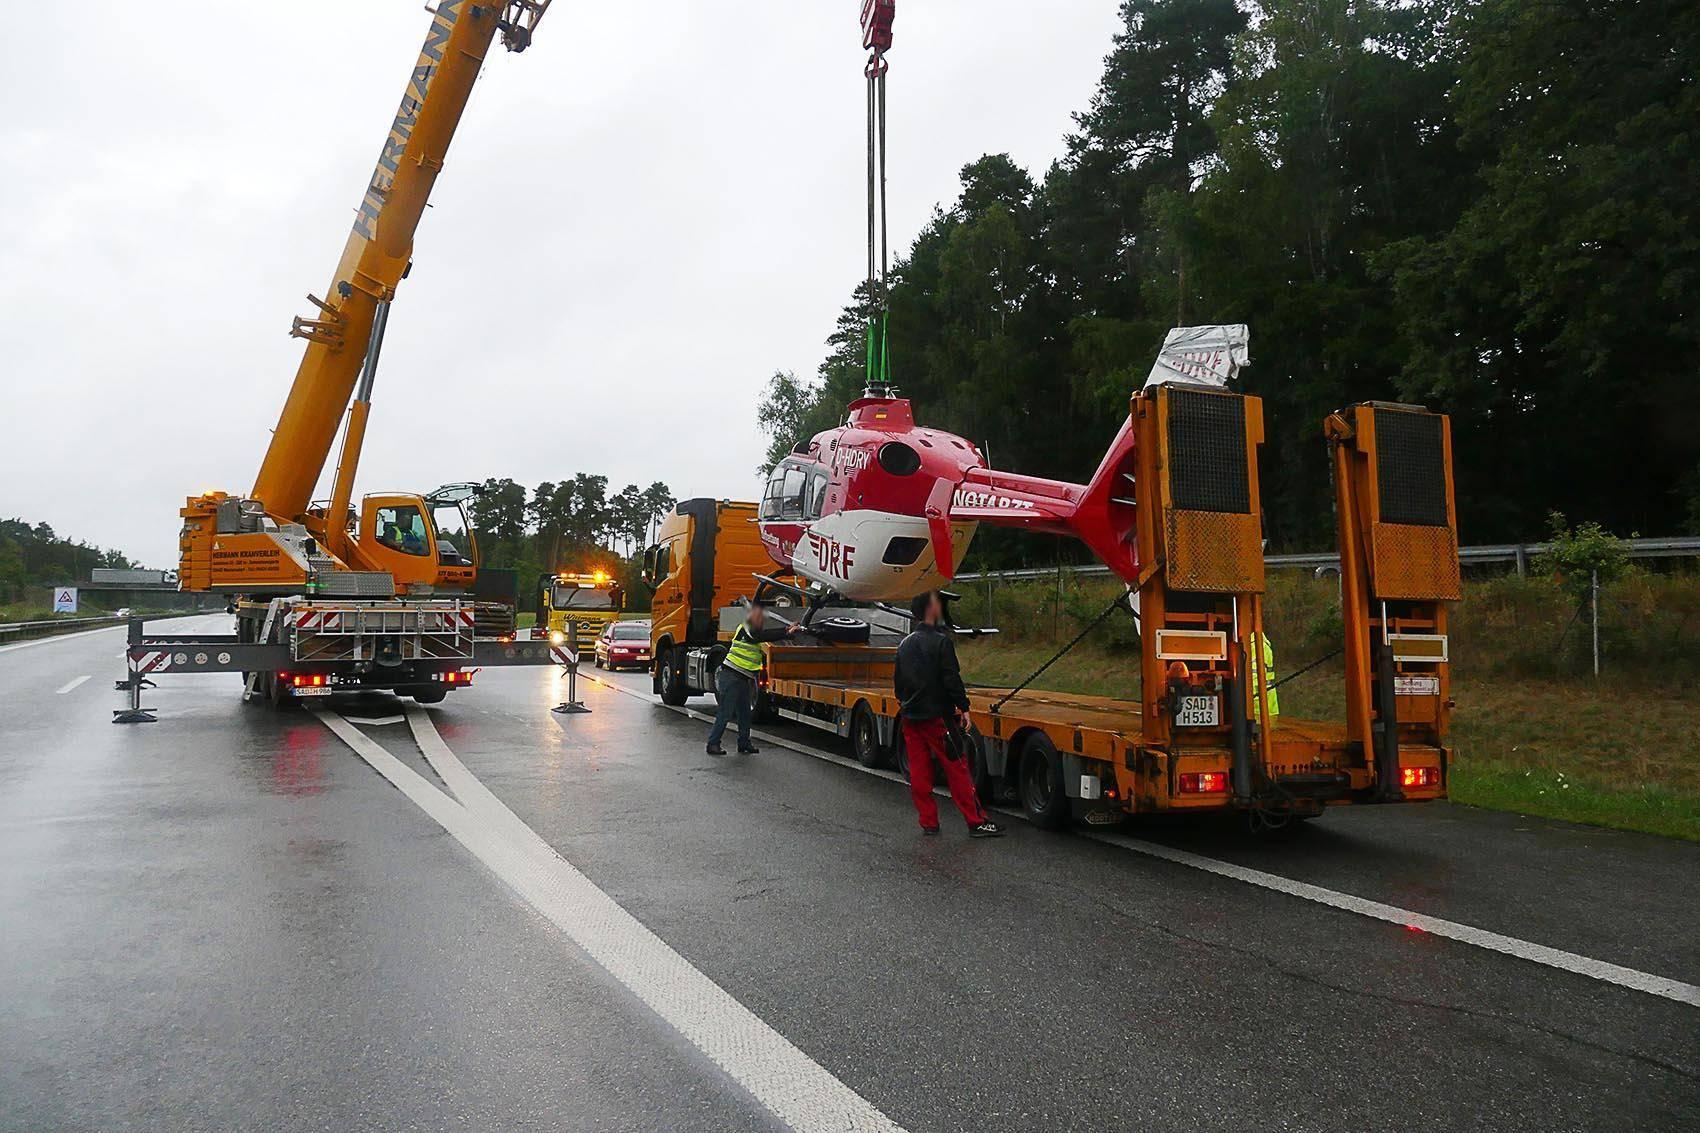 Unfall bei Schwandorf Drei Schwerverletzte, Rettungshubschrauber kaputt